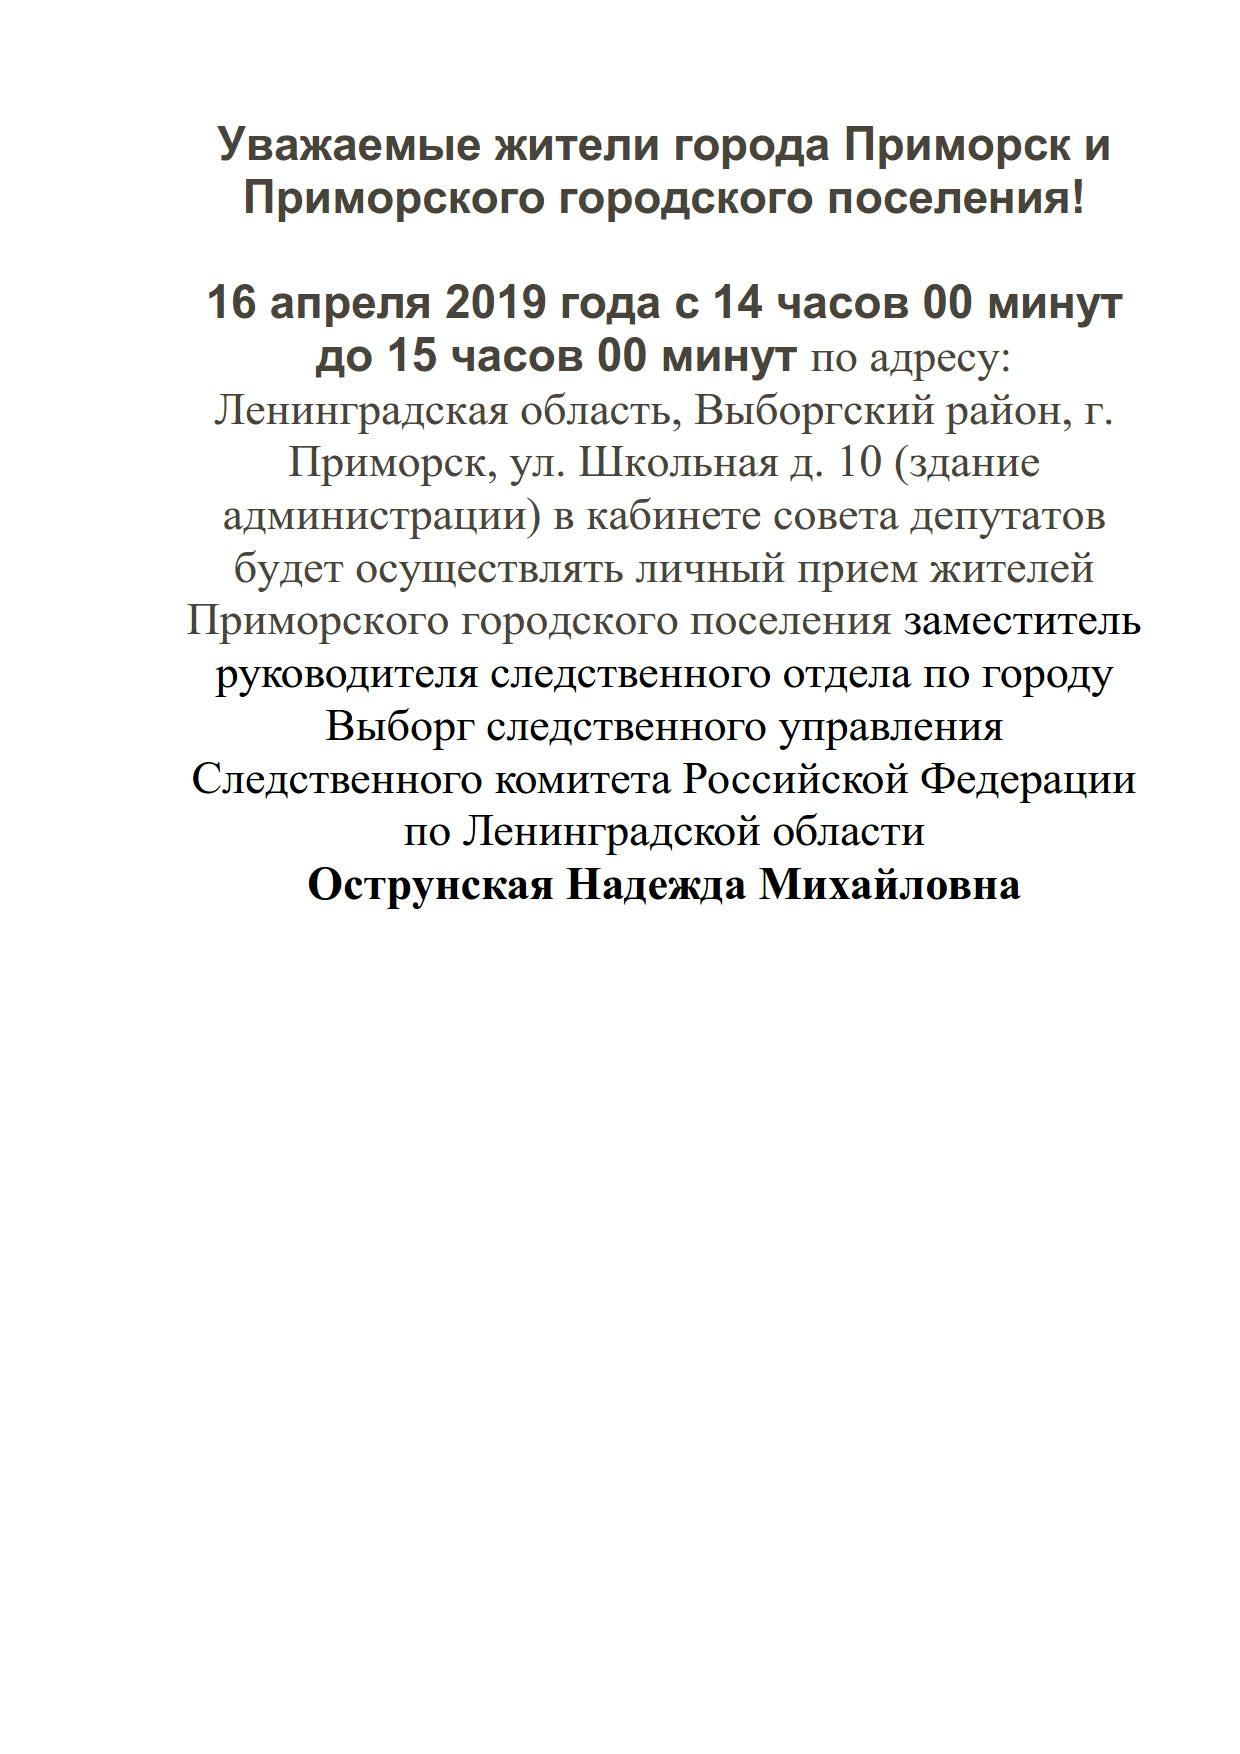 Уважаемые жители города Приморск и Приморского городского поселения_1